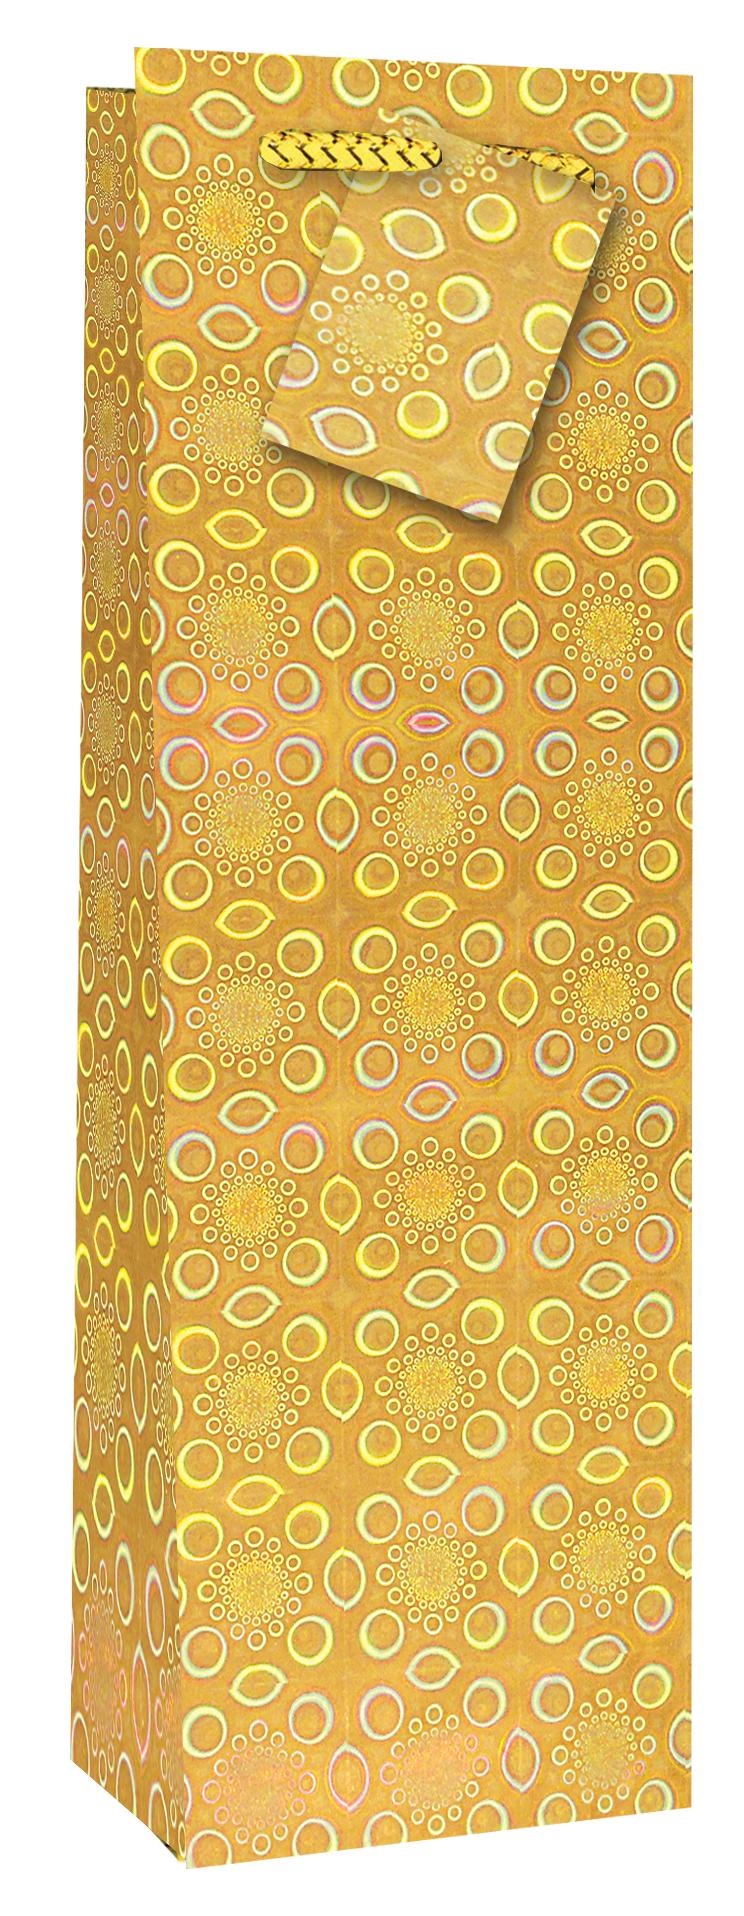 Taška lahev Holografická žlutá - Dárkové tašky